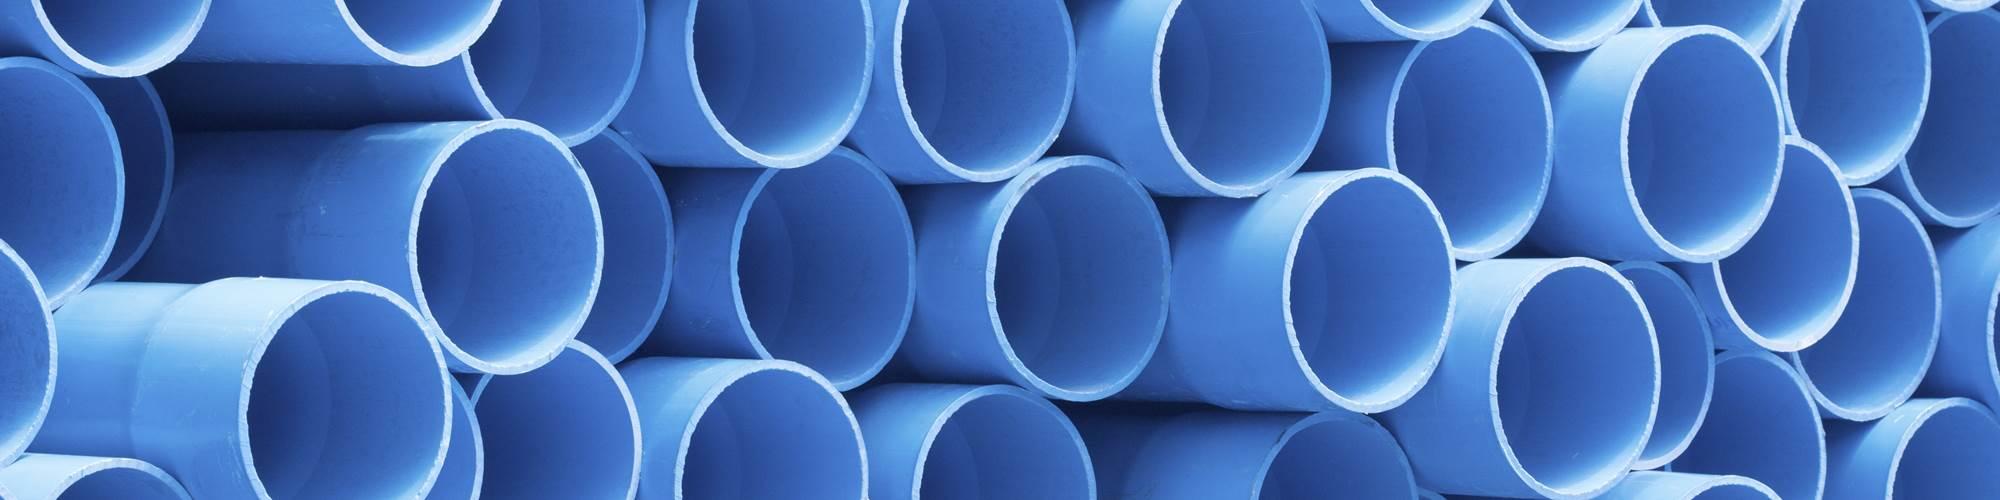 El fabricante de estabilizadores de polímeros Songwon Industrial anunció un convenio de colaboración con Chemo International Inc.